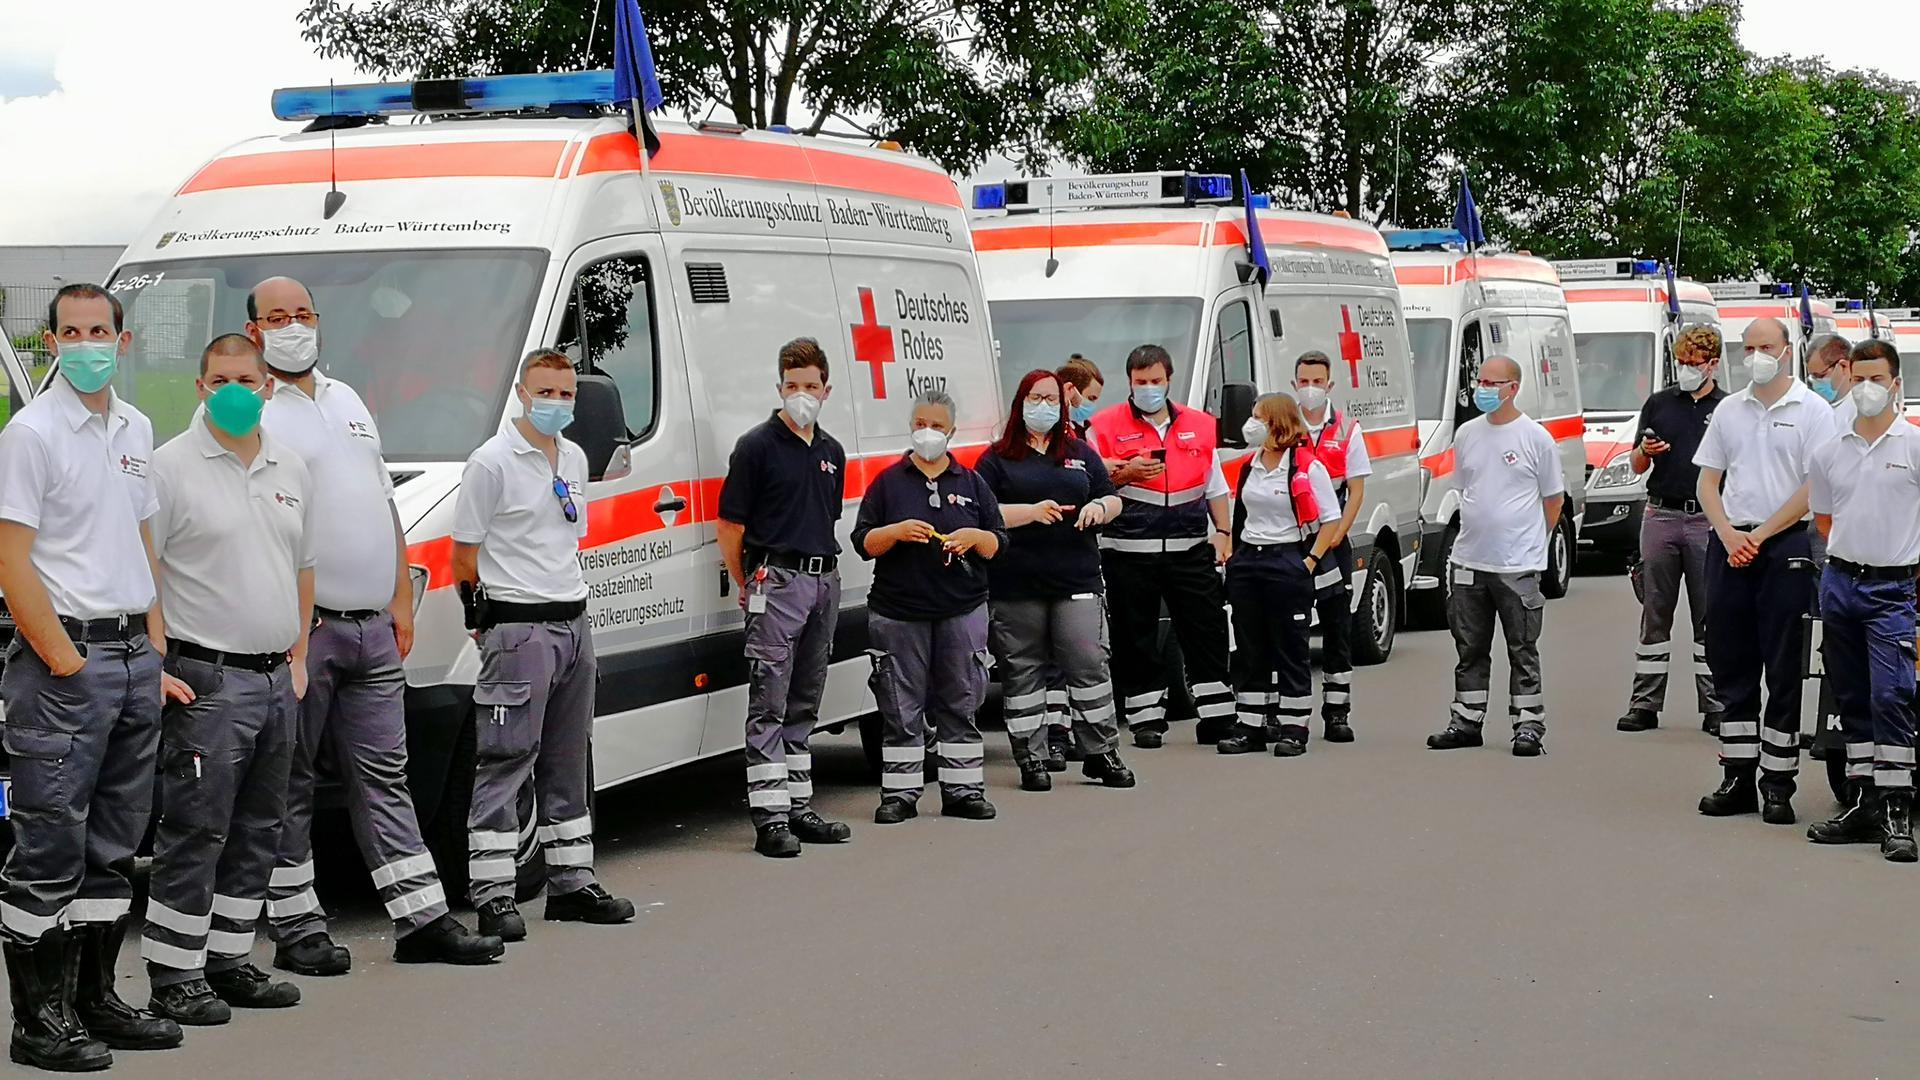 Rettungskräfte des Ortenaukreises starten in Richtung Ahrweiler.